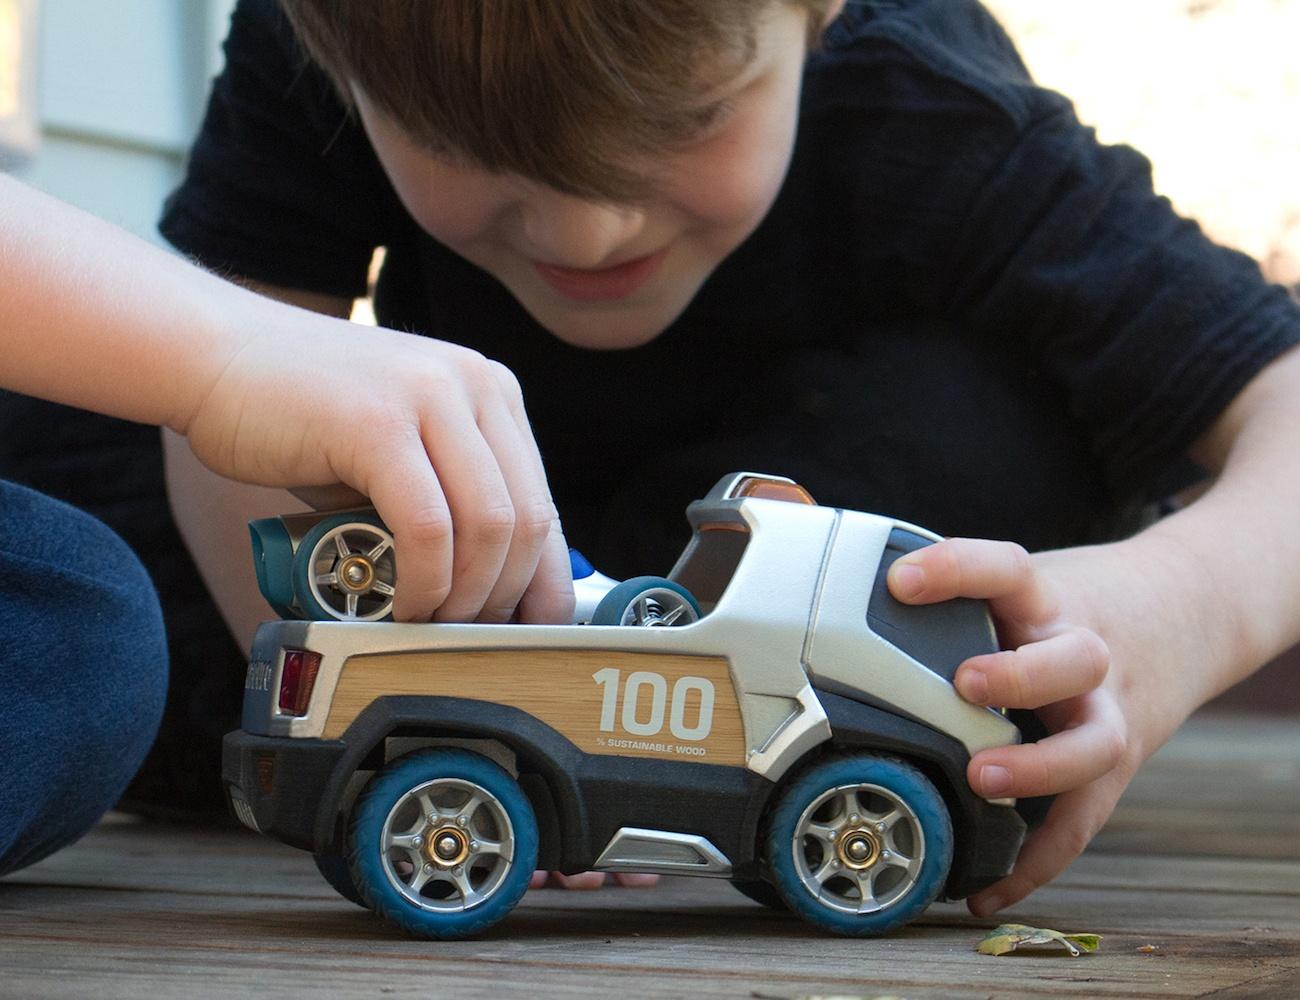 Enduro Tough Toy Cars